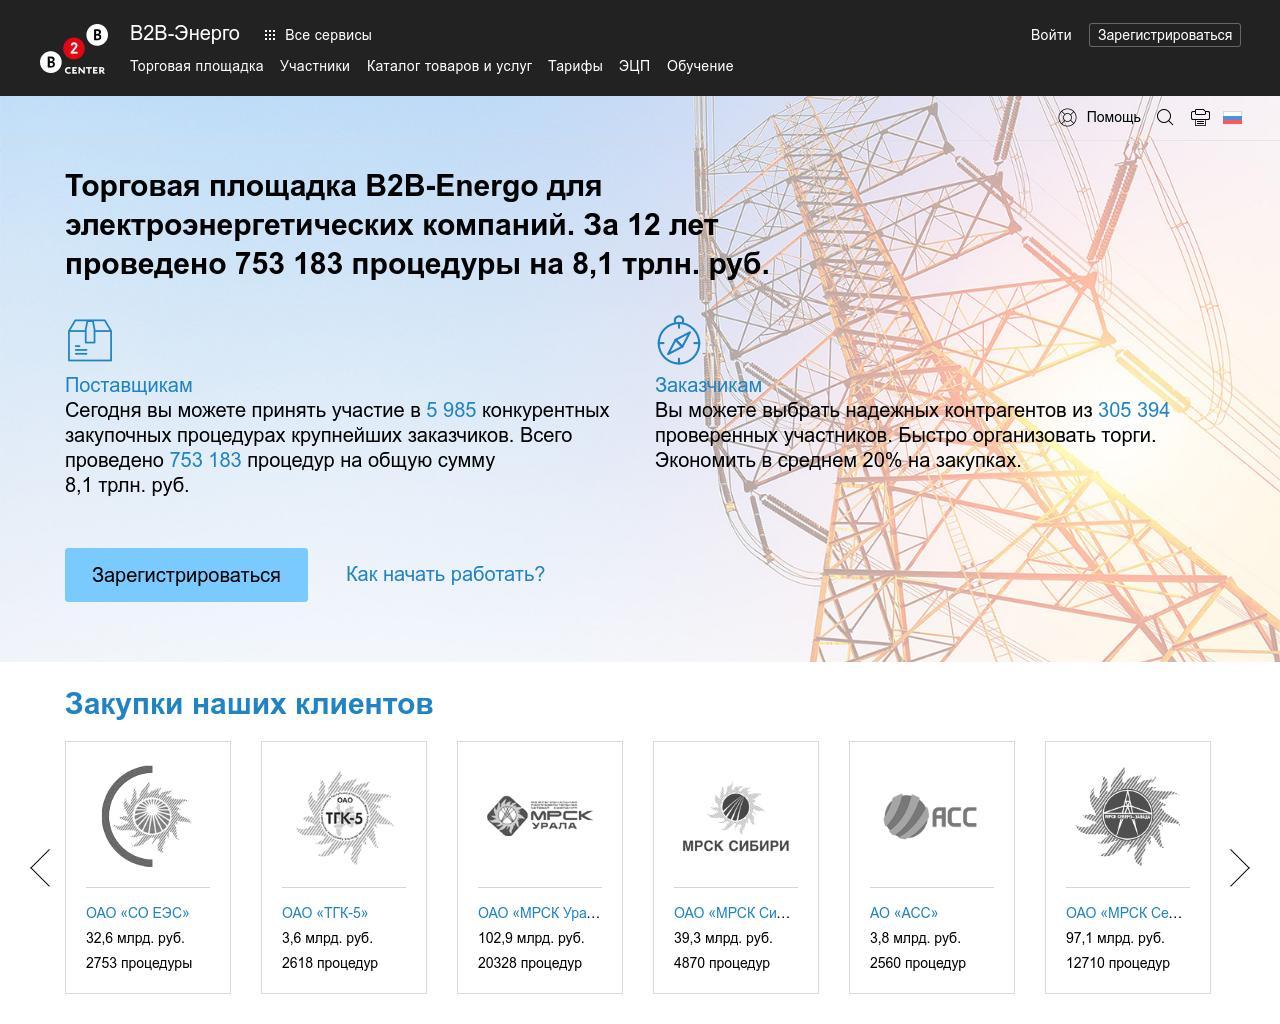 ЭТП В2В-Энерго